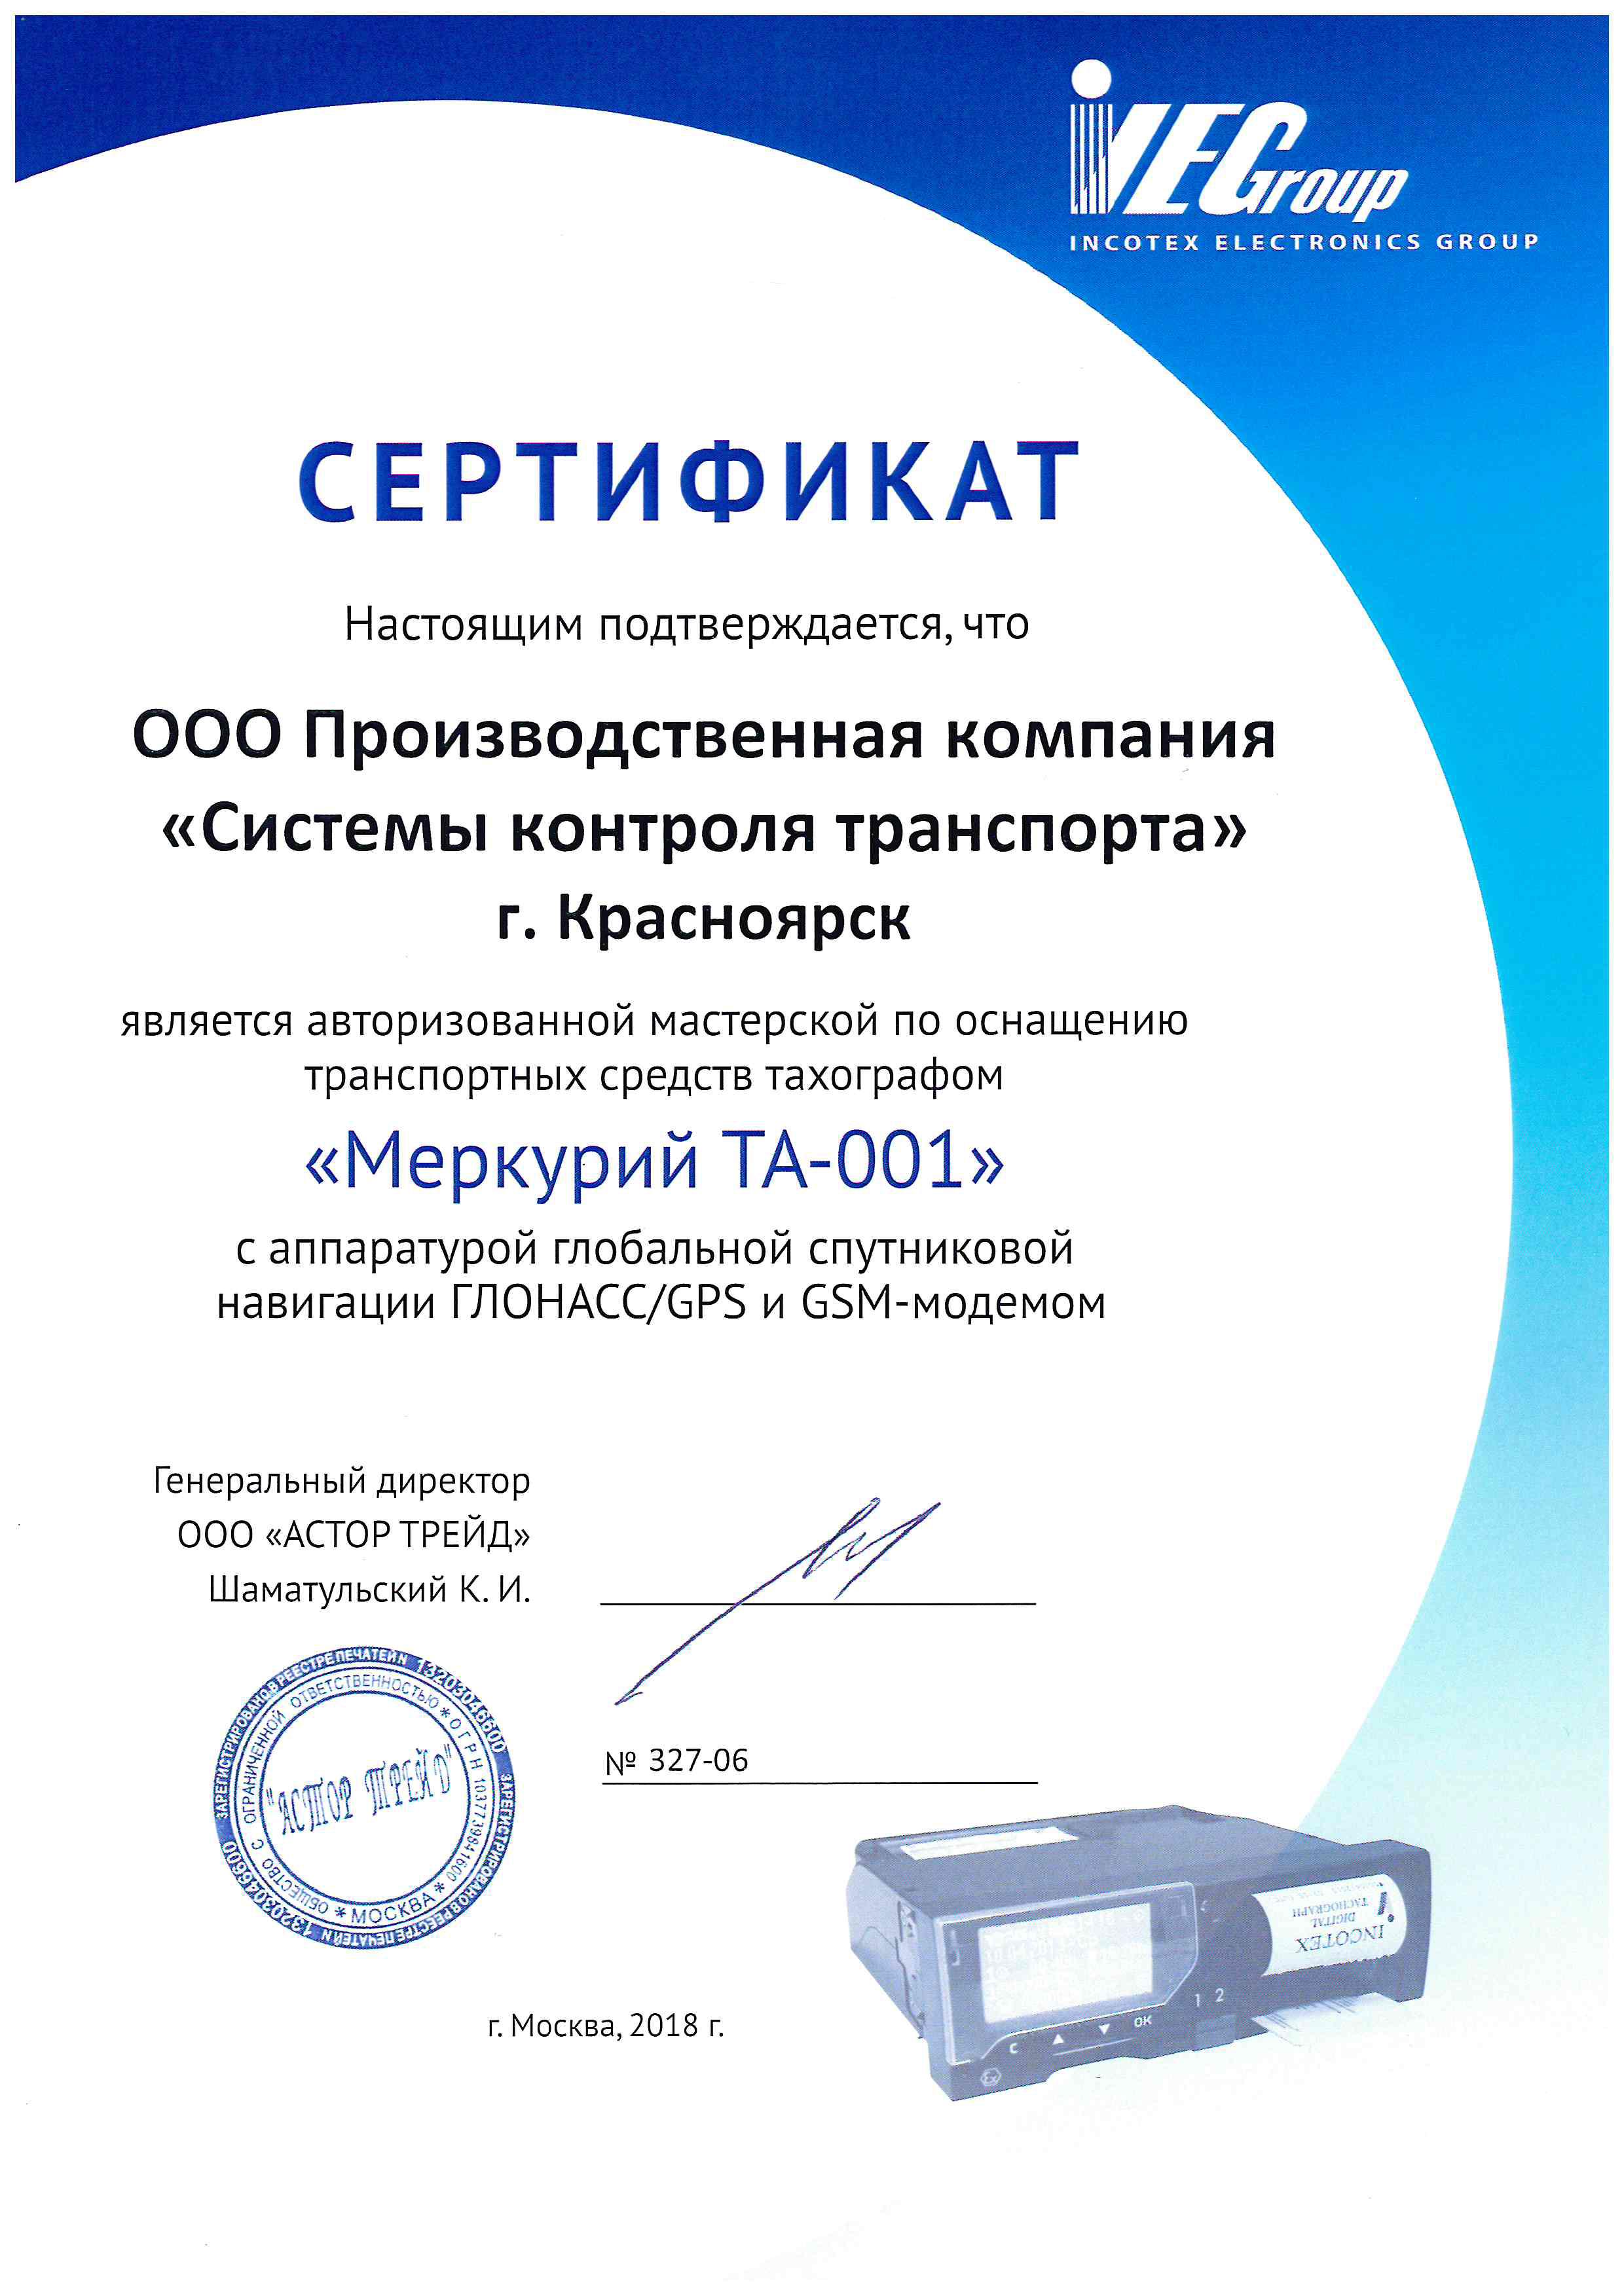 Сертификат IEG